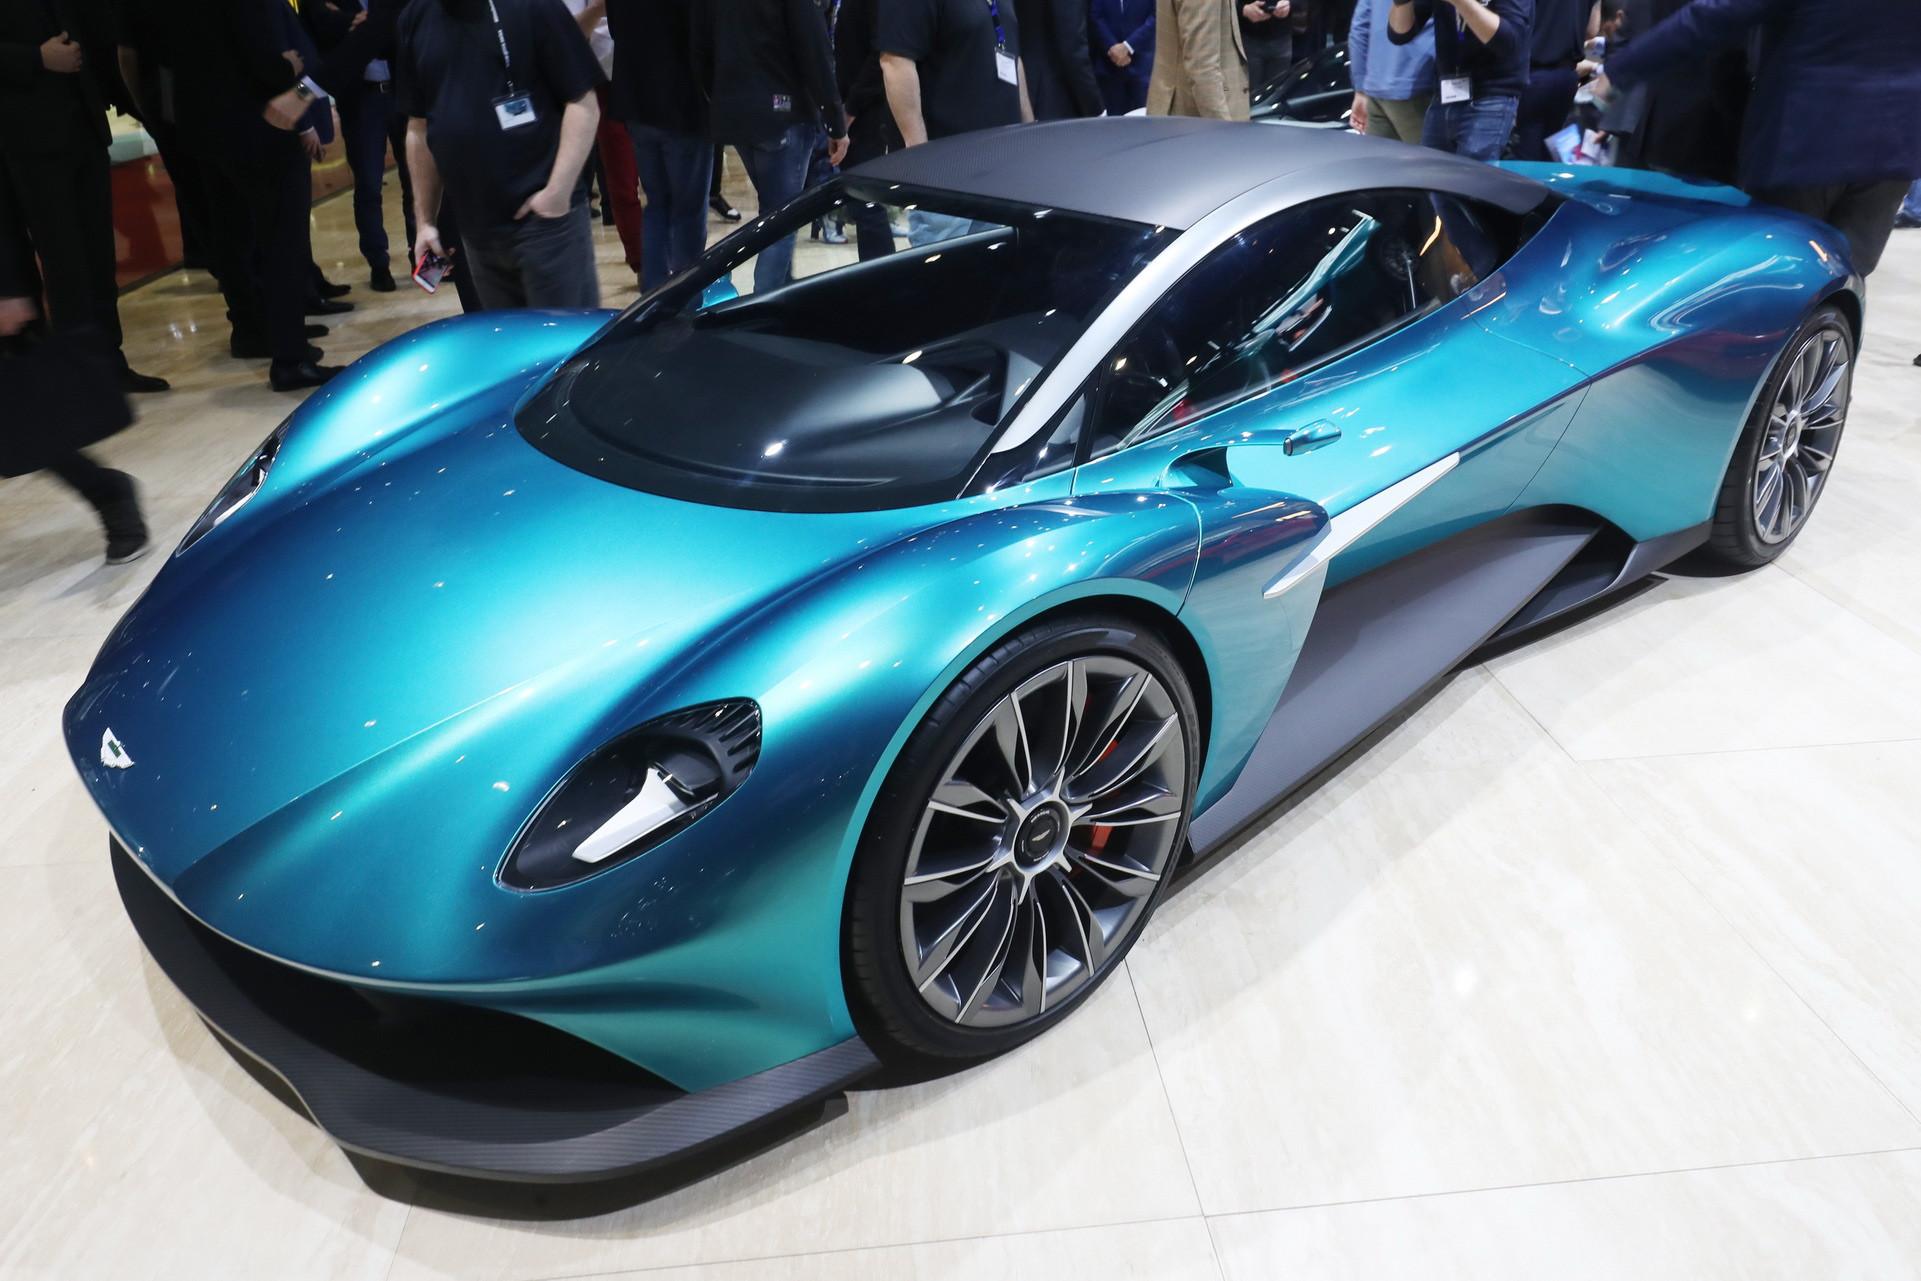 阿斯顿马丁格格视觉概念车与迈凯轮和法拉利竞争